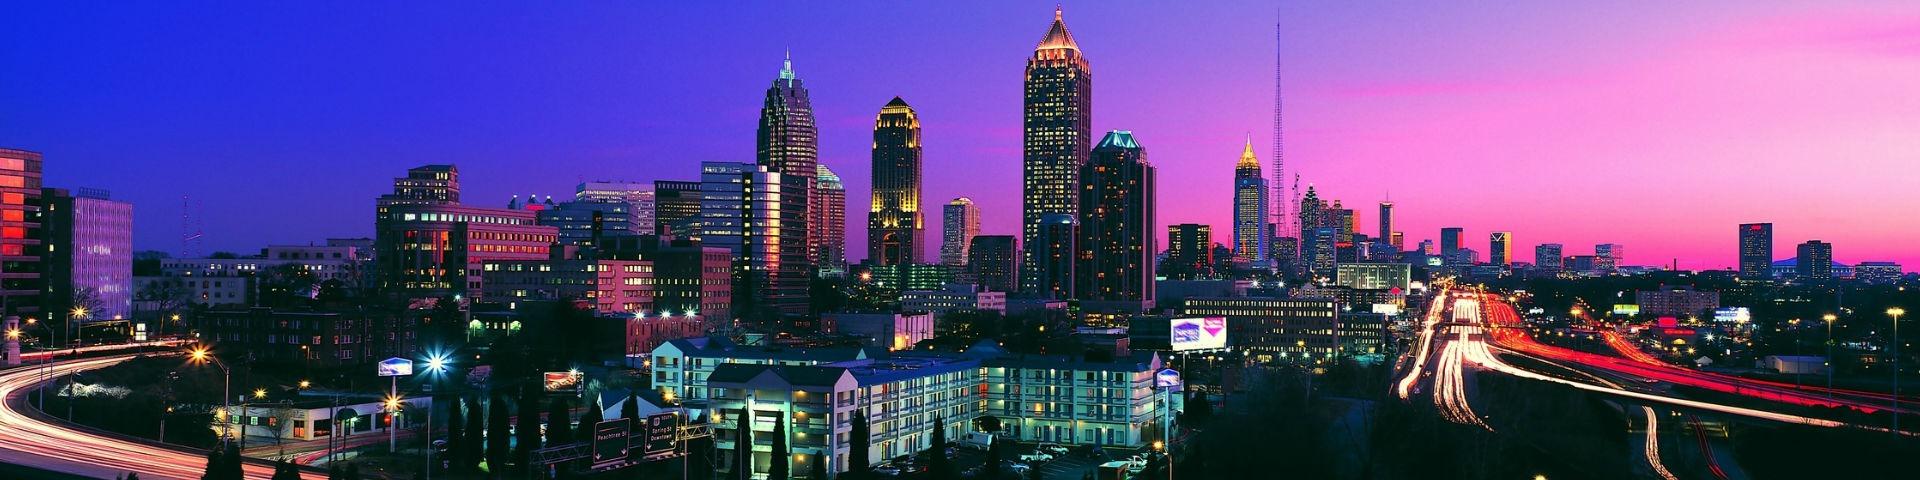 БК Unibet открыла первый ППС в Пенсильвании